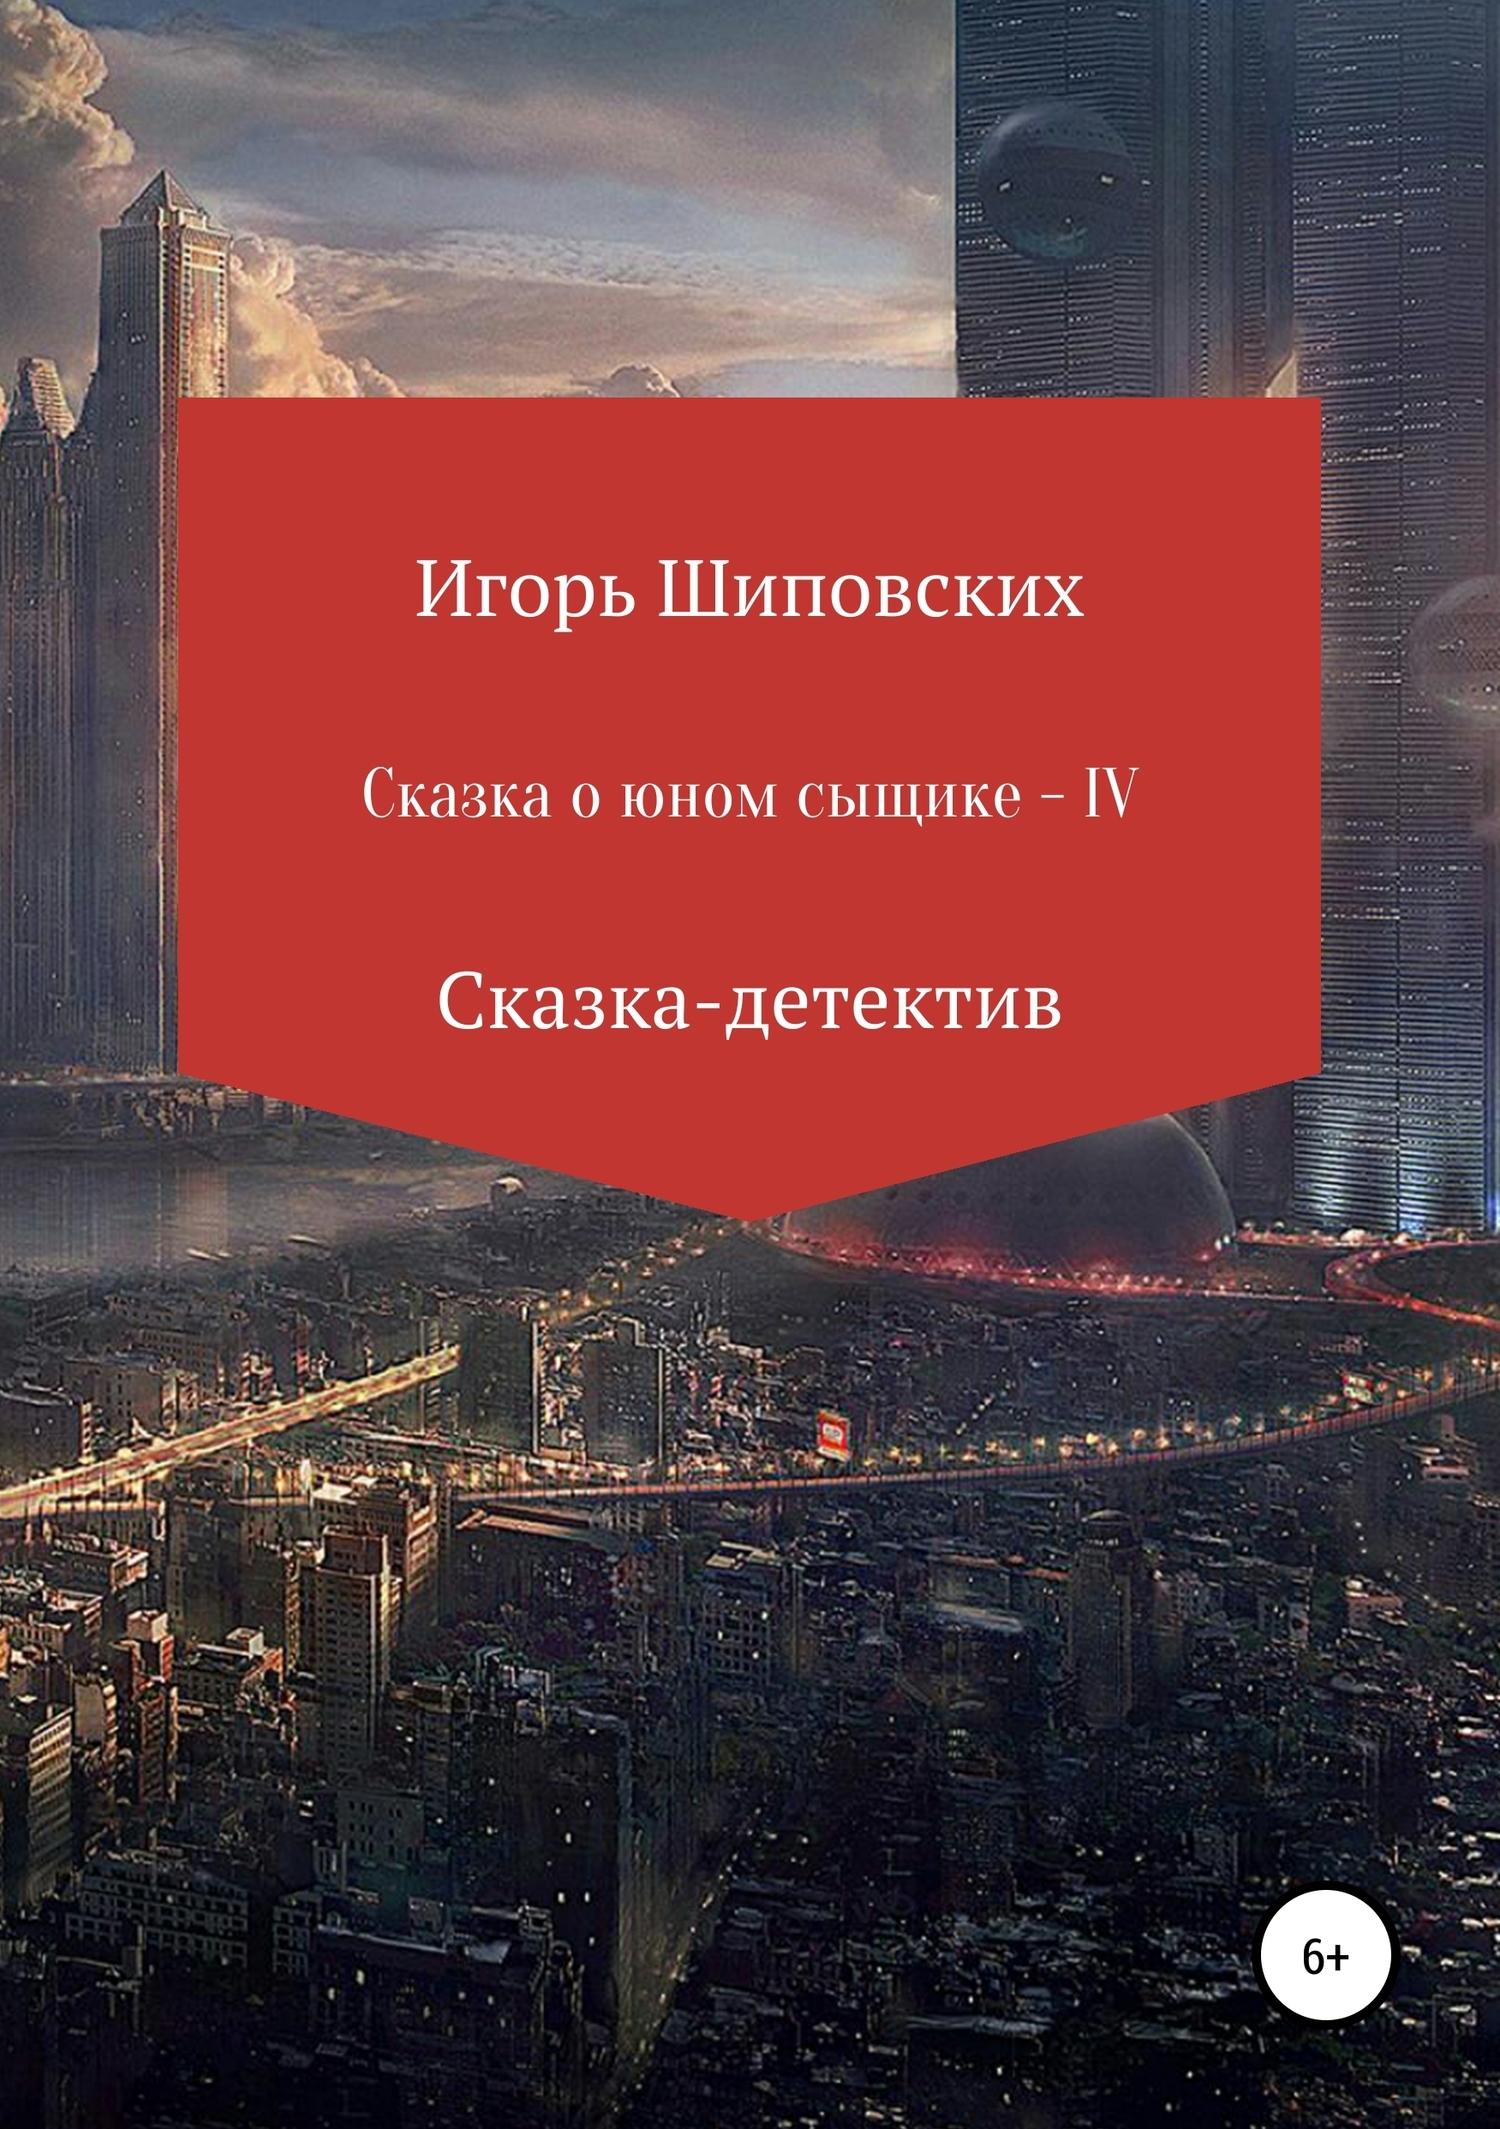 Игорь Шиповских - Сказка о юном сыщике IV